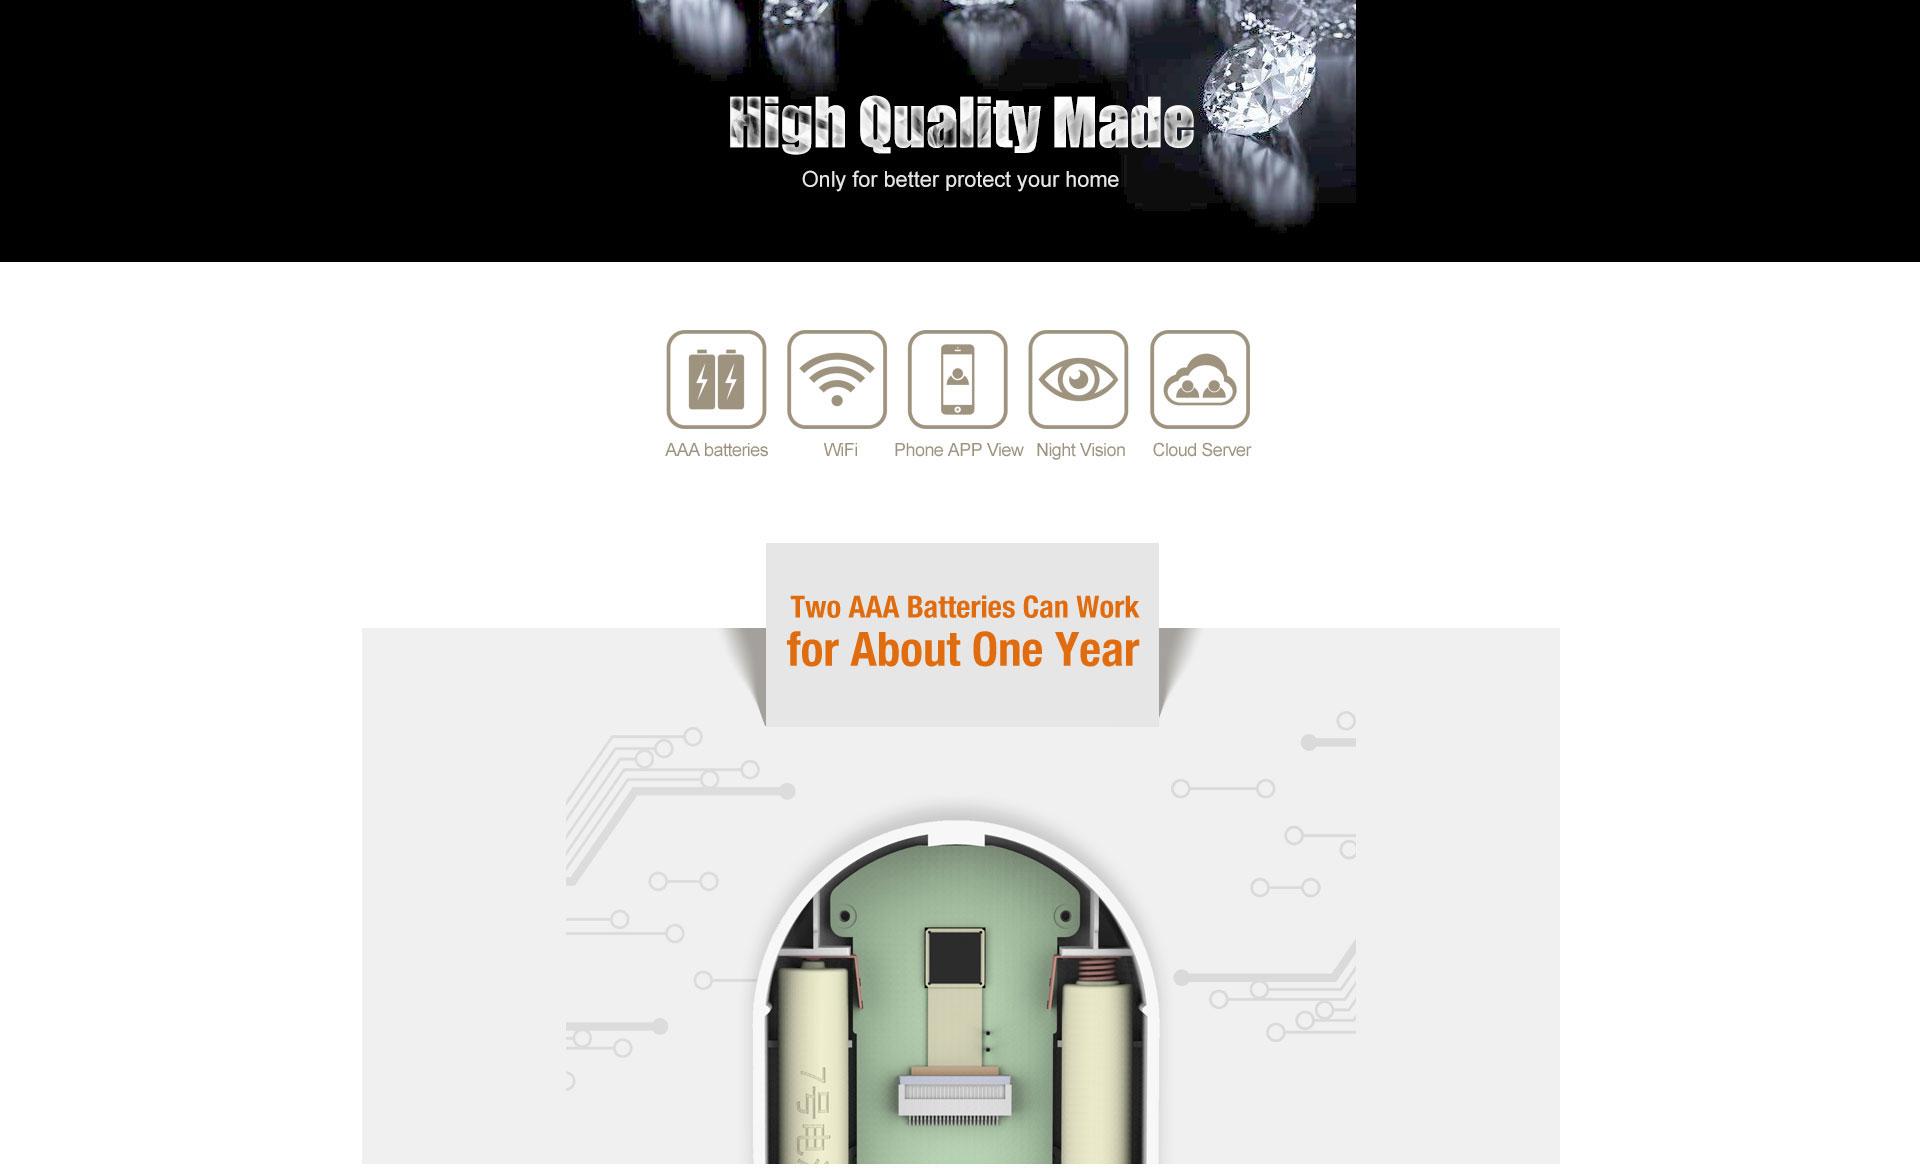 Smart Photo Doorbell